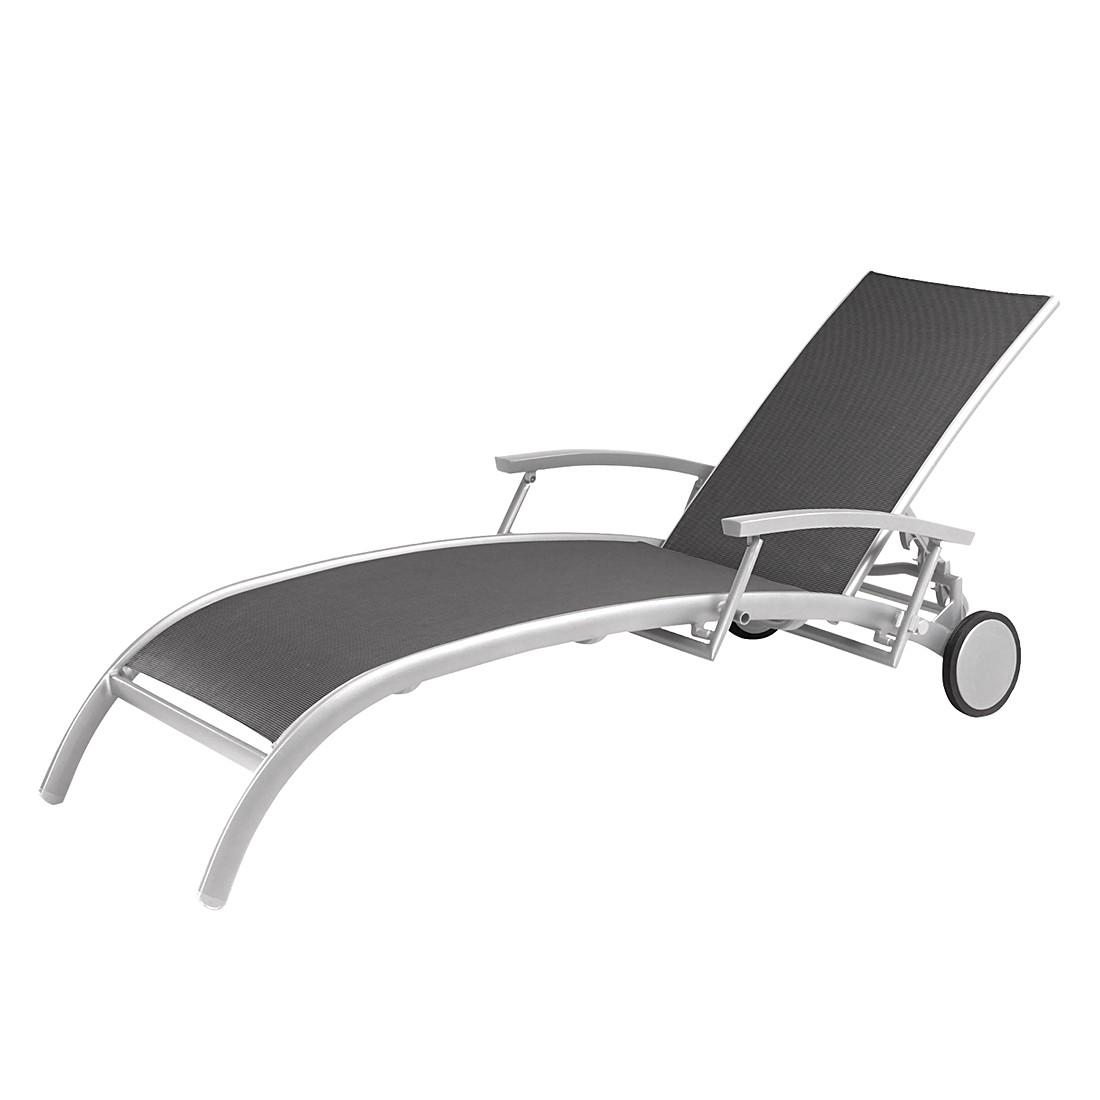 Rollliege Palermo - Aluminium/Ergotex - Silber/Anthrazit, Best Freizeitmöbel